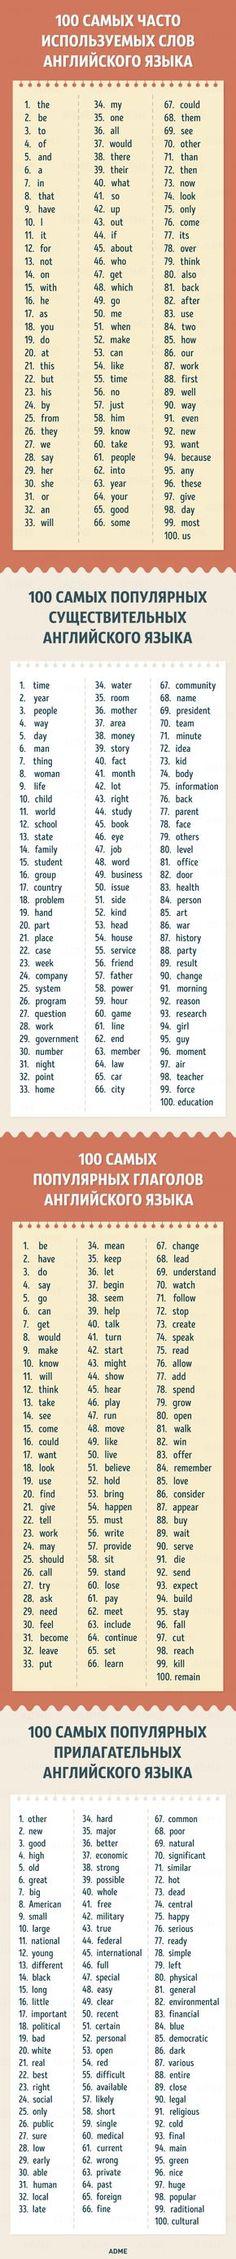 400 английских слов, которых будет достаточно для понимания75% текстов